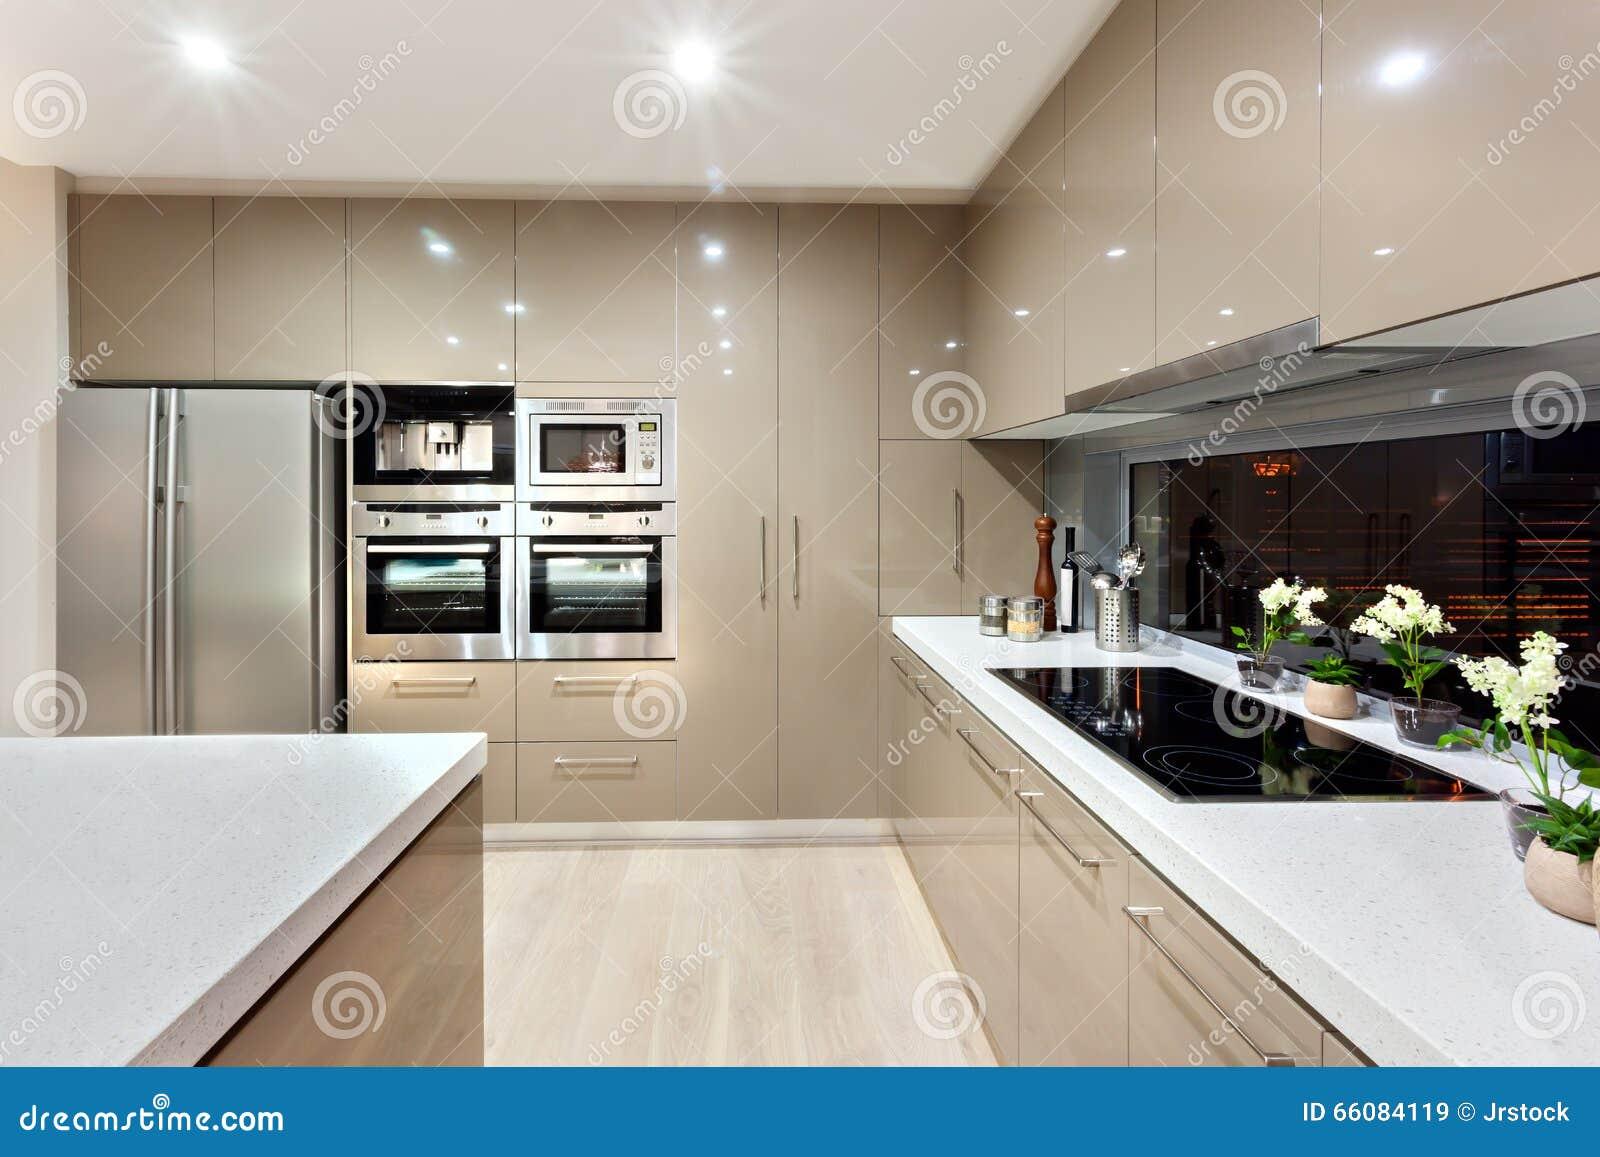 Innenraum Der Modernen Küche In Einem Luxushaus Stockbild ...